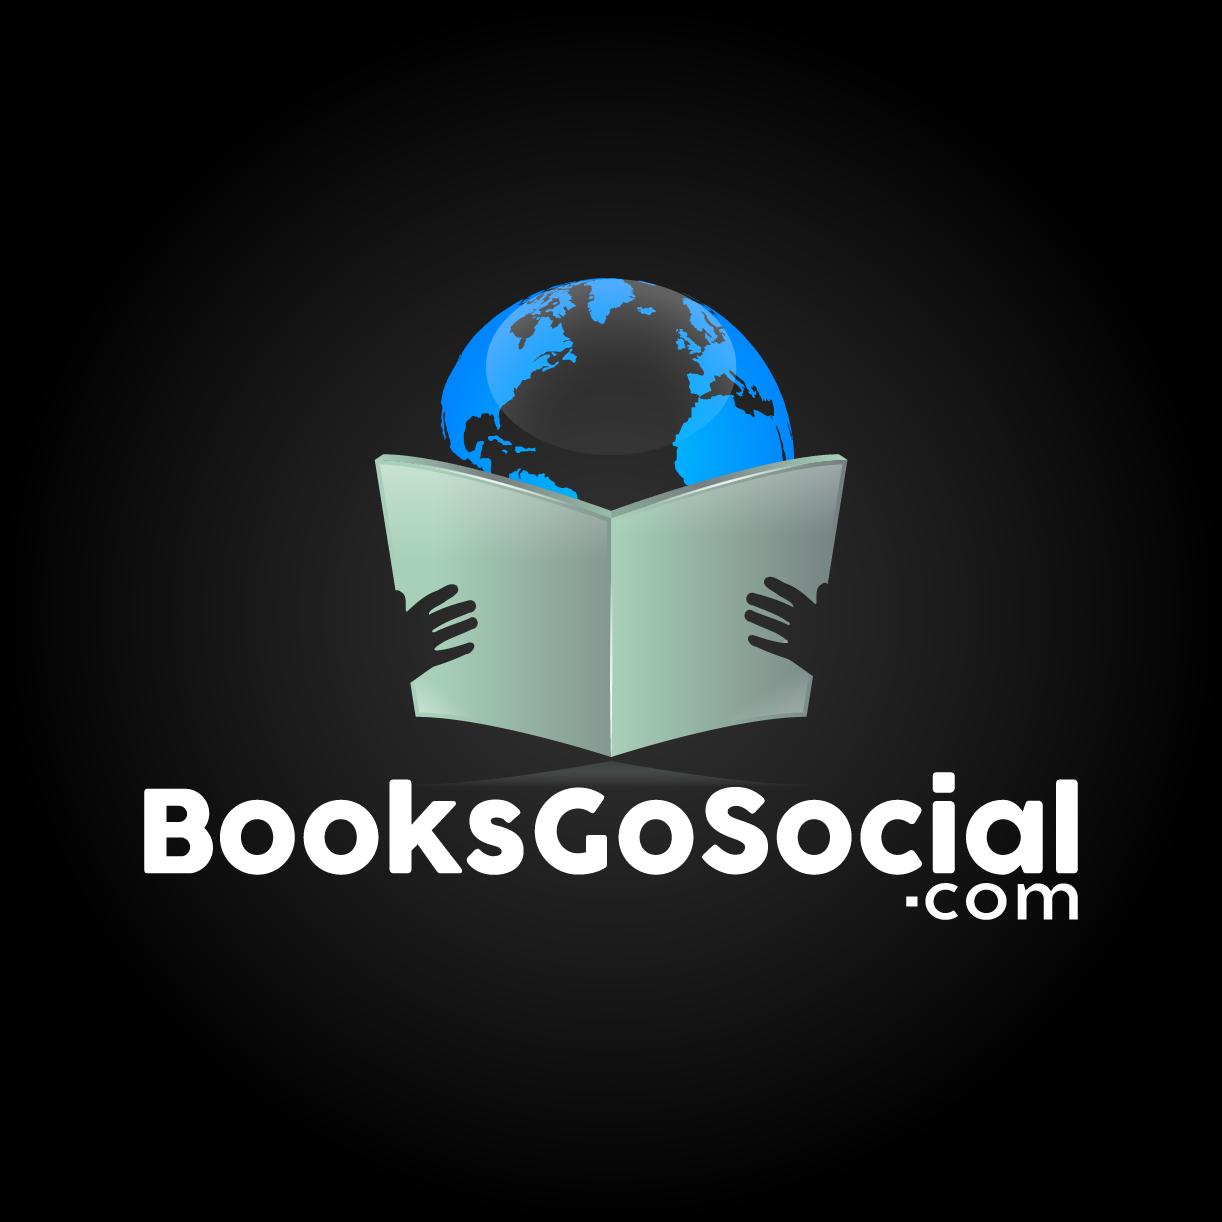 booksgosocial